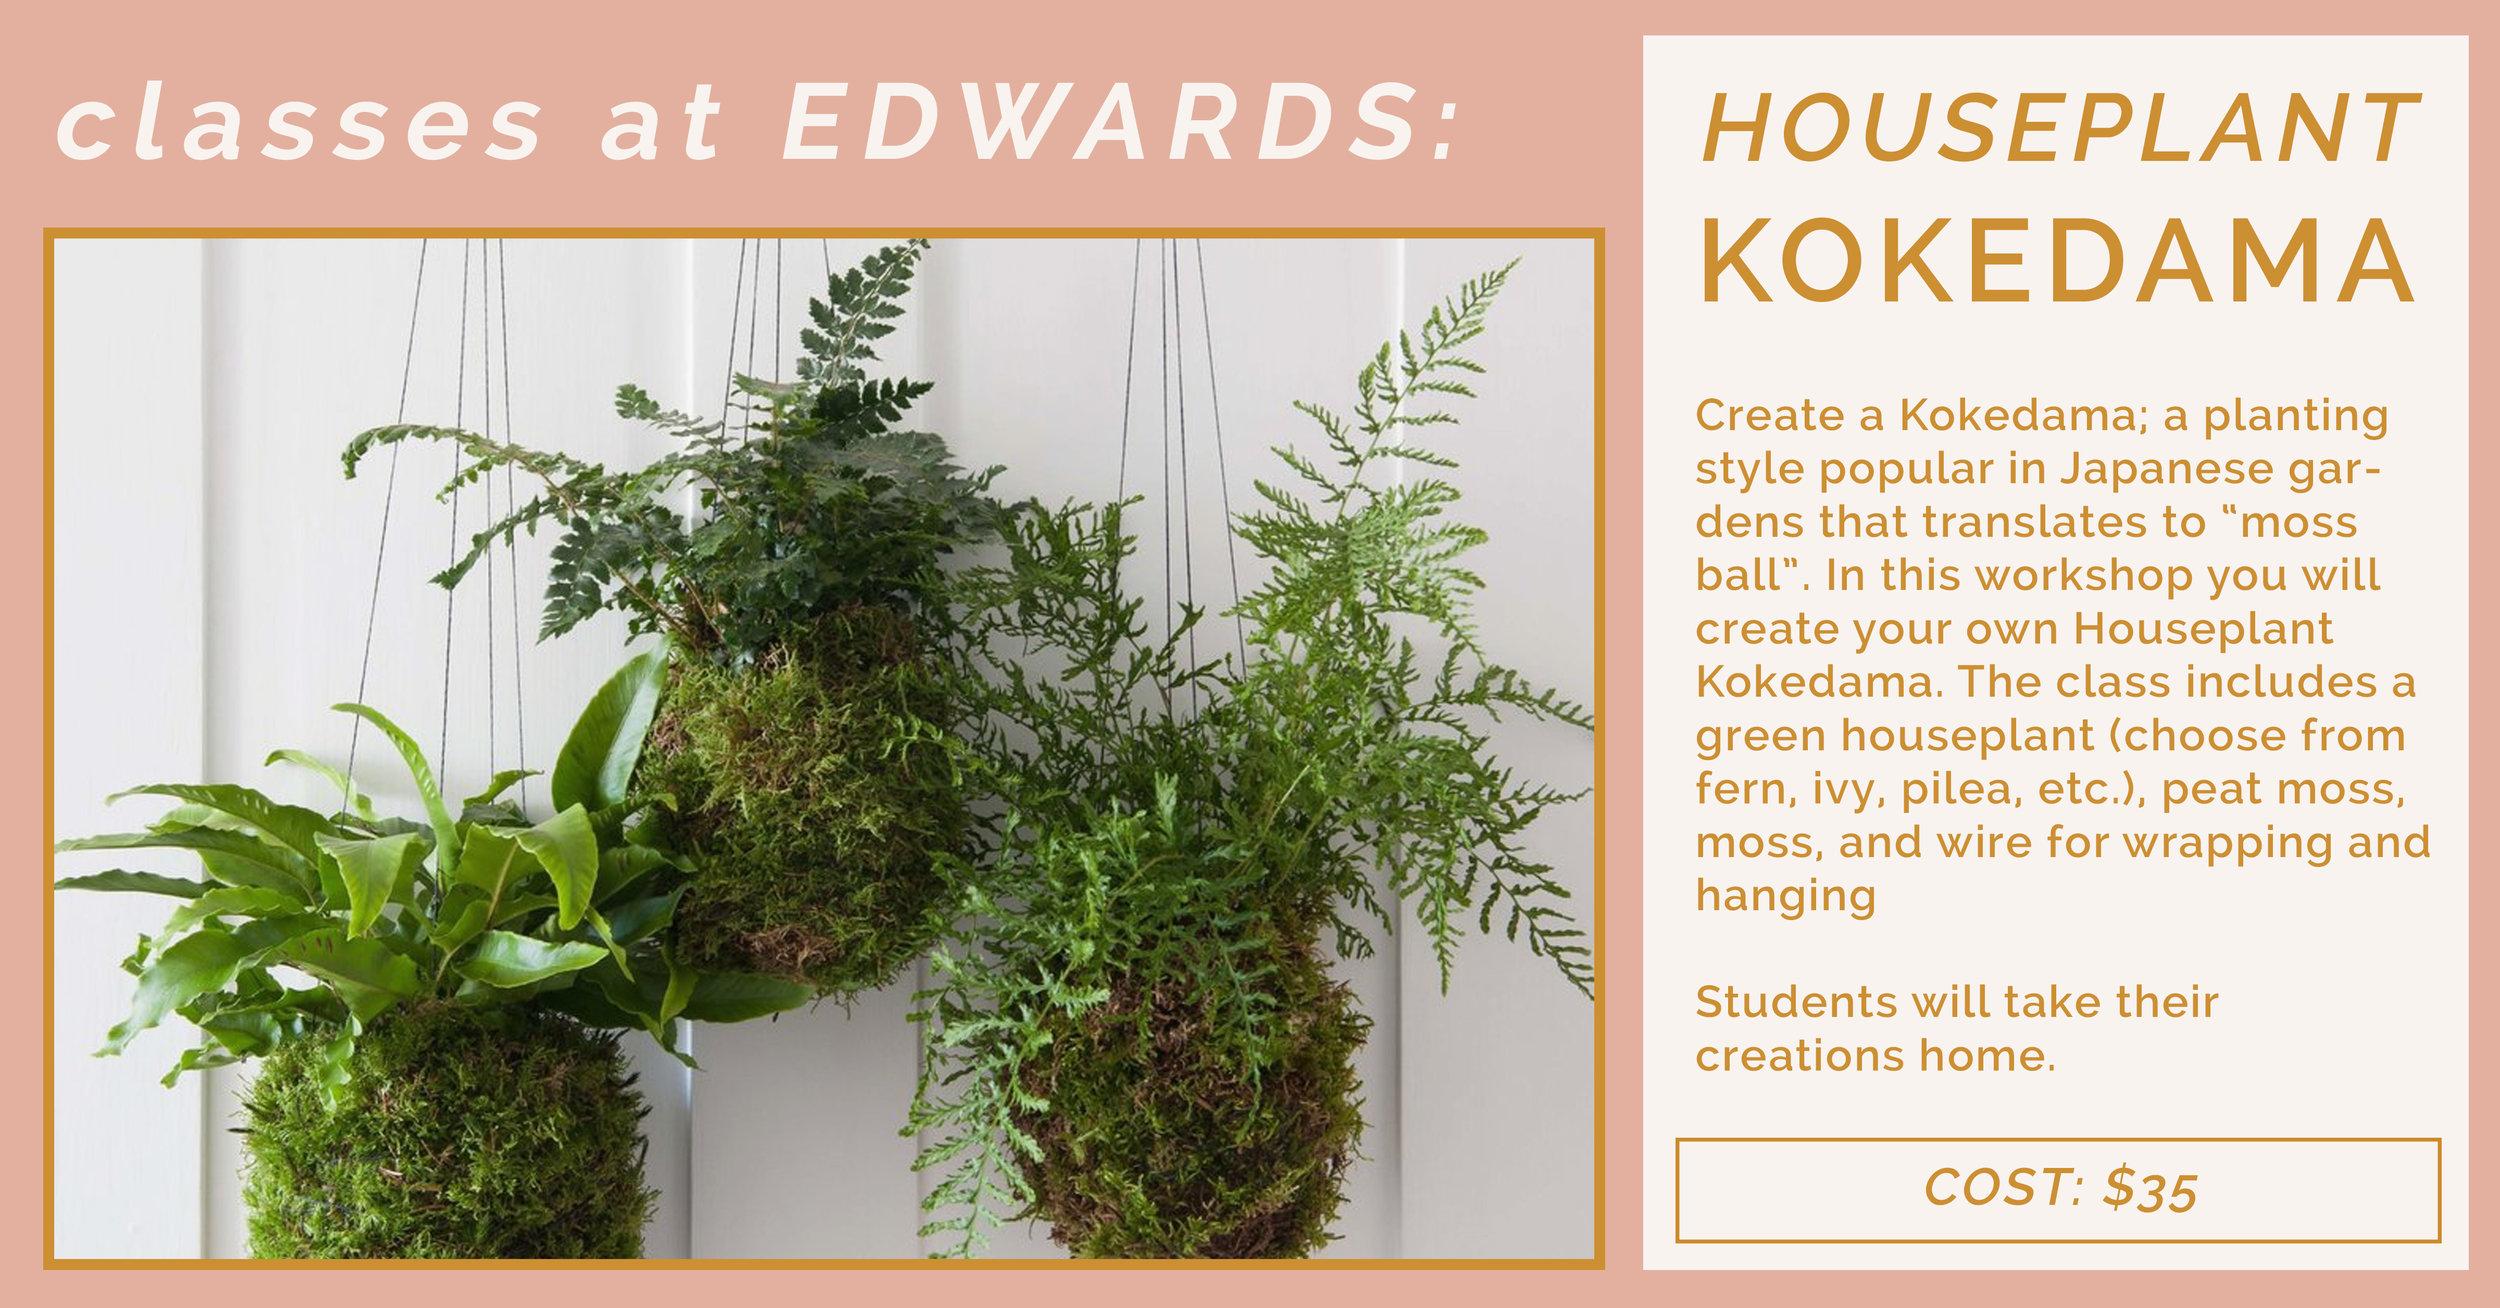 houseplant kokedama.jpg